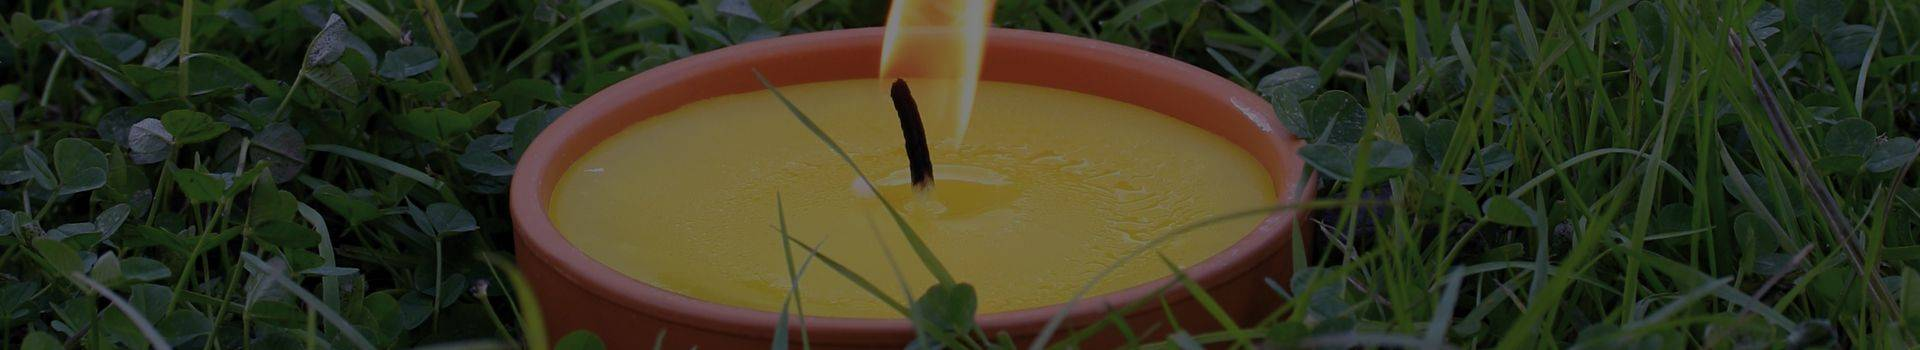 Velas de citronela. Velas animosquitos - Cereria Pinsart